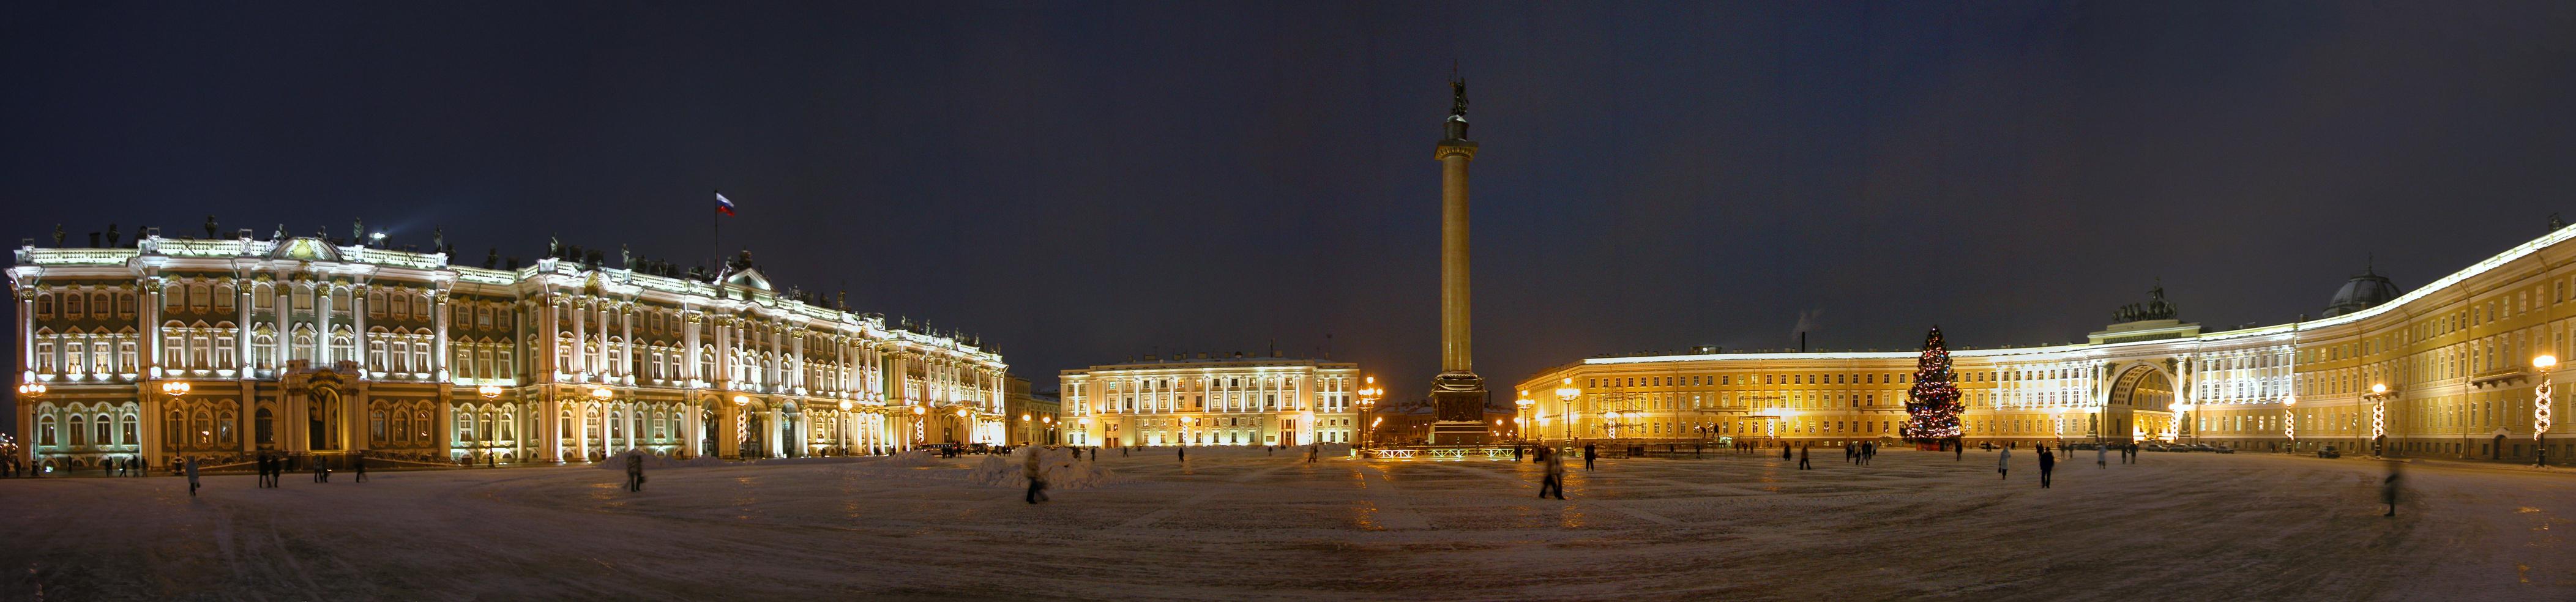 Дворцовая площадь зимней ночью. Зимний дворец, здание штаба Гвардейского корпуса, Александровская колонна, здание Главного штаба